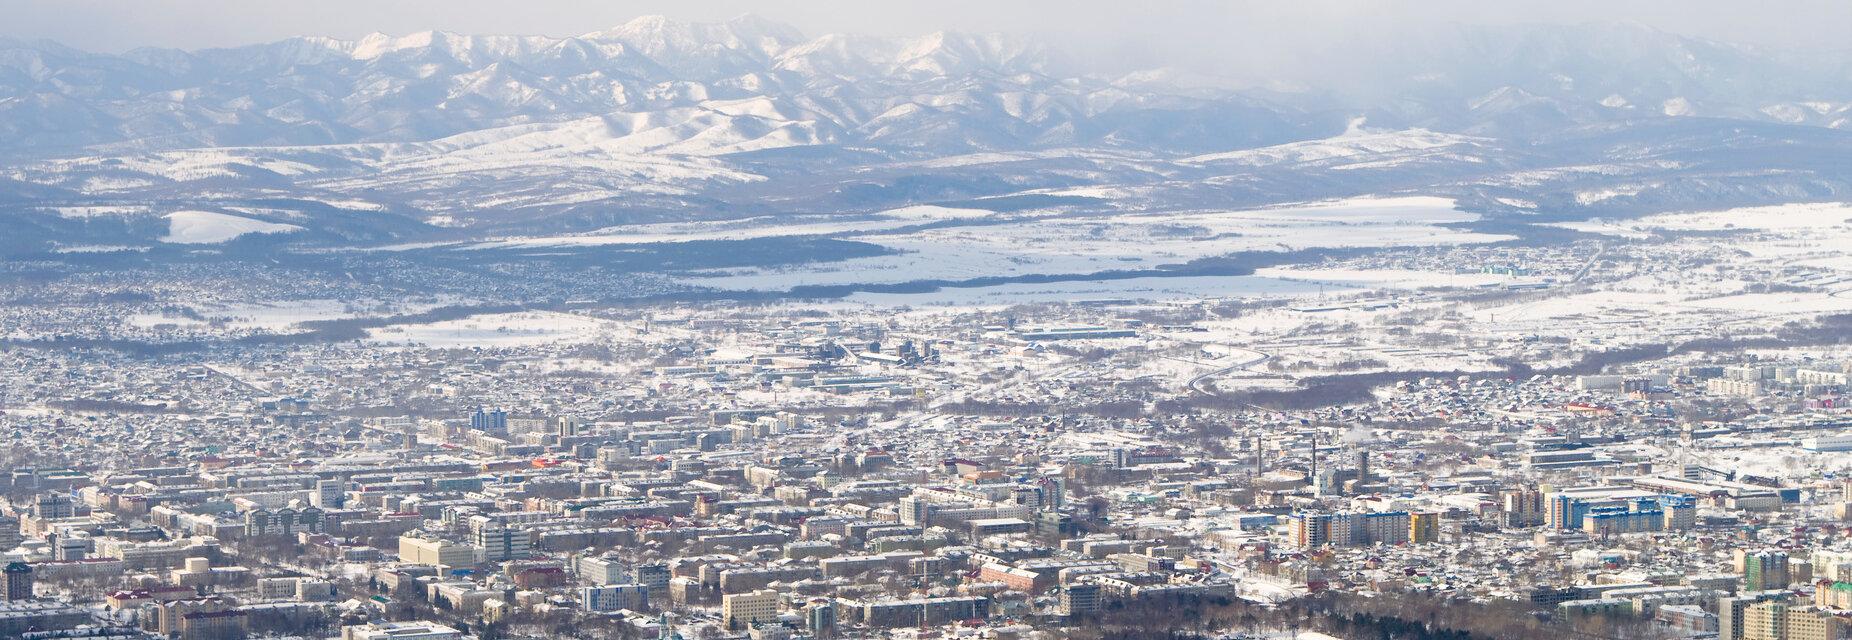 Отели в Южно-Сахалинске 4 звезды